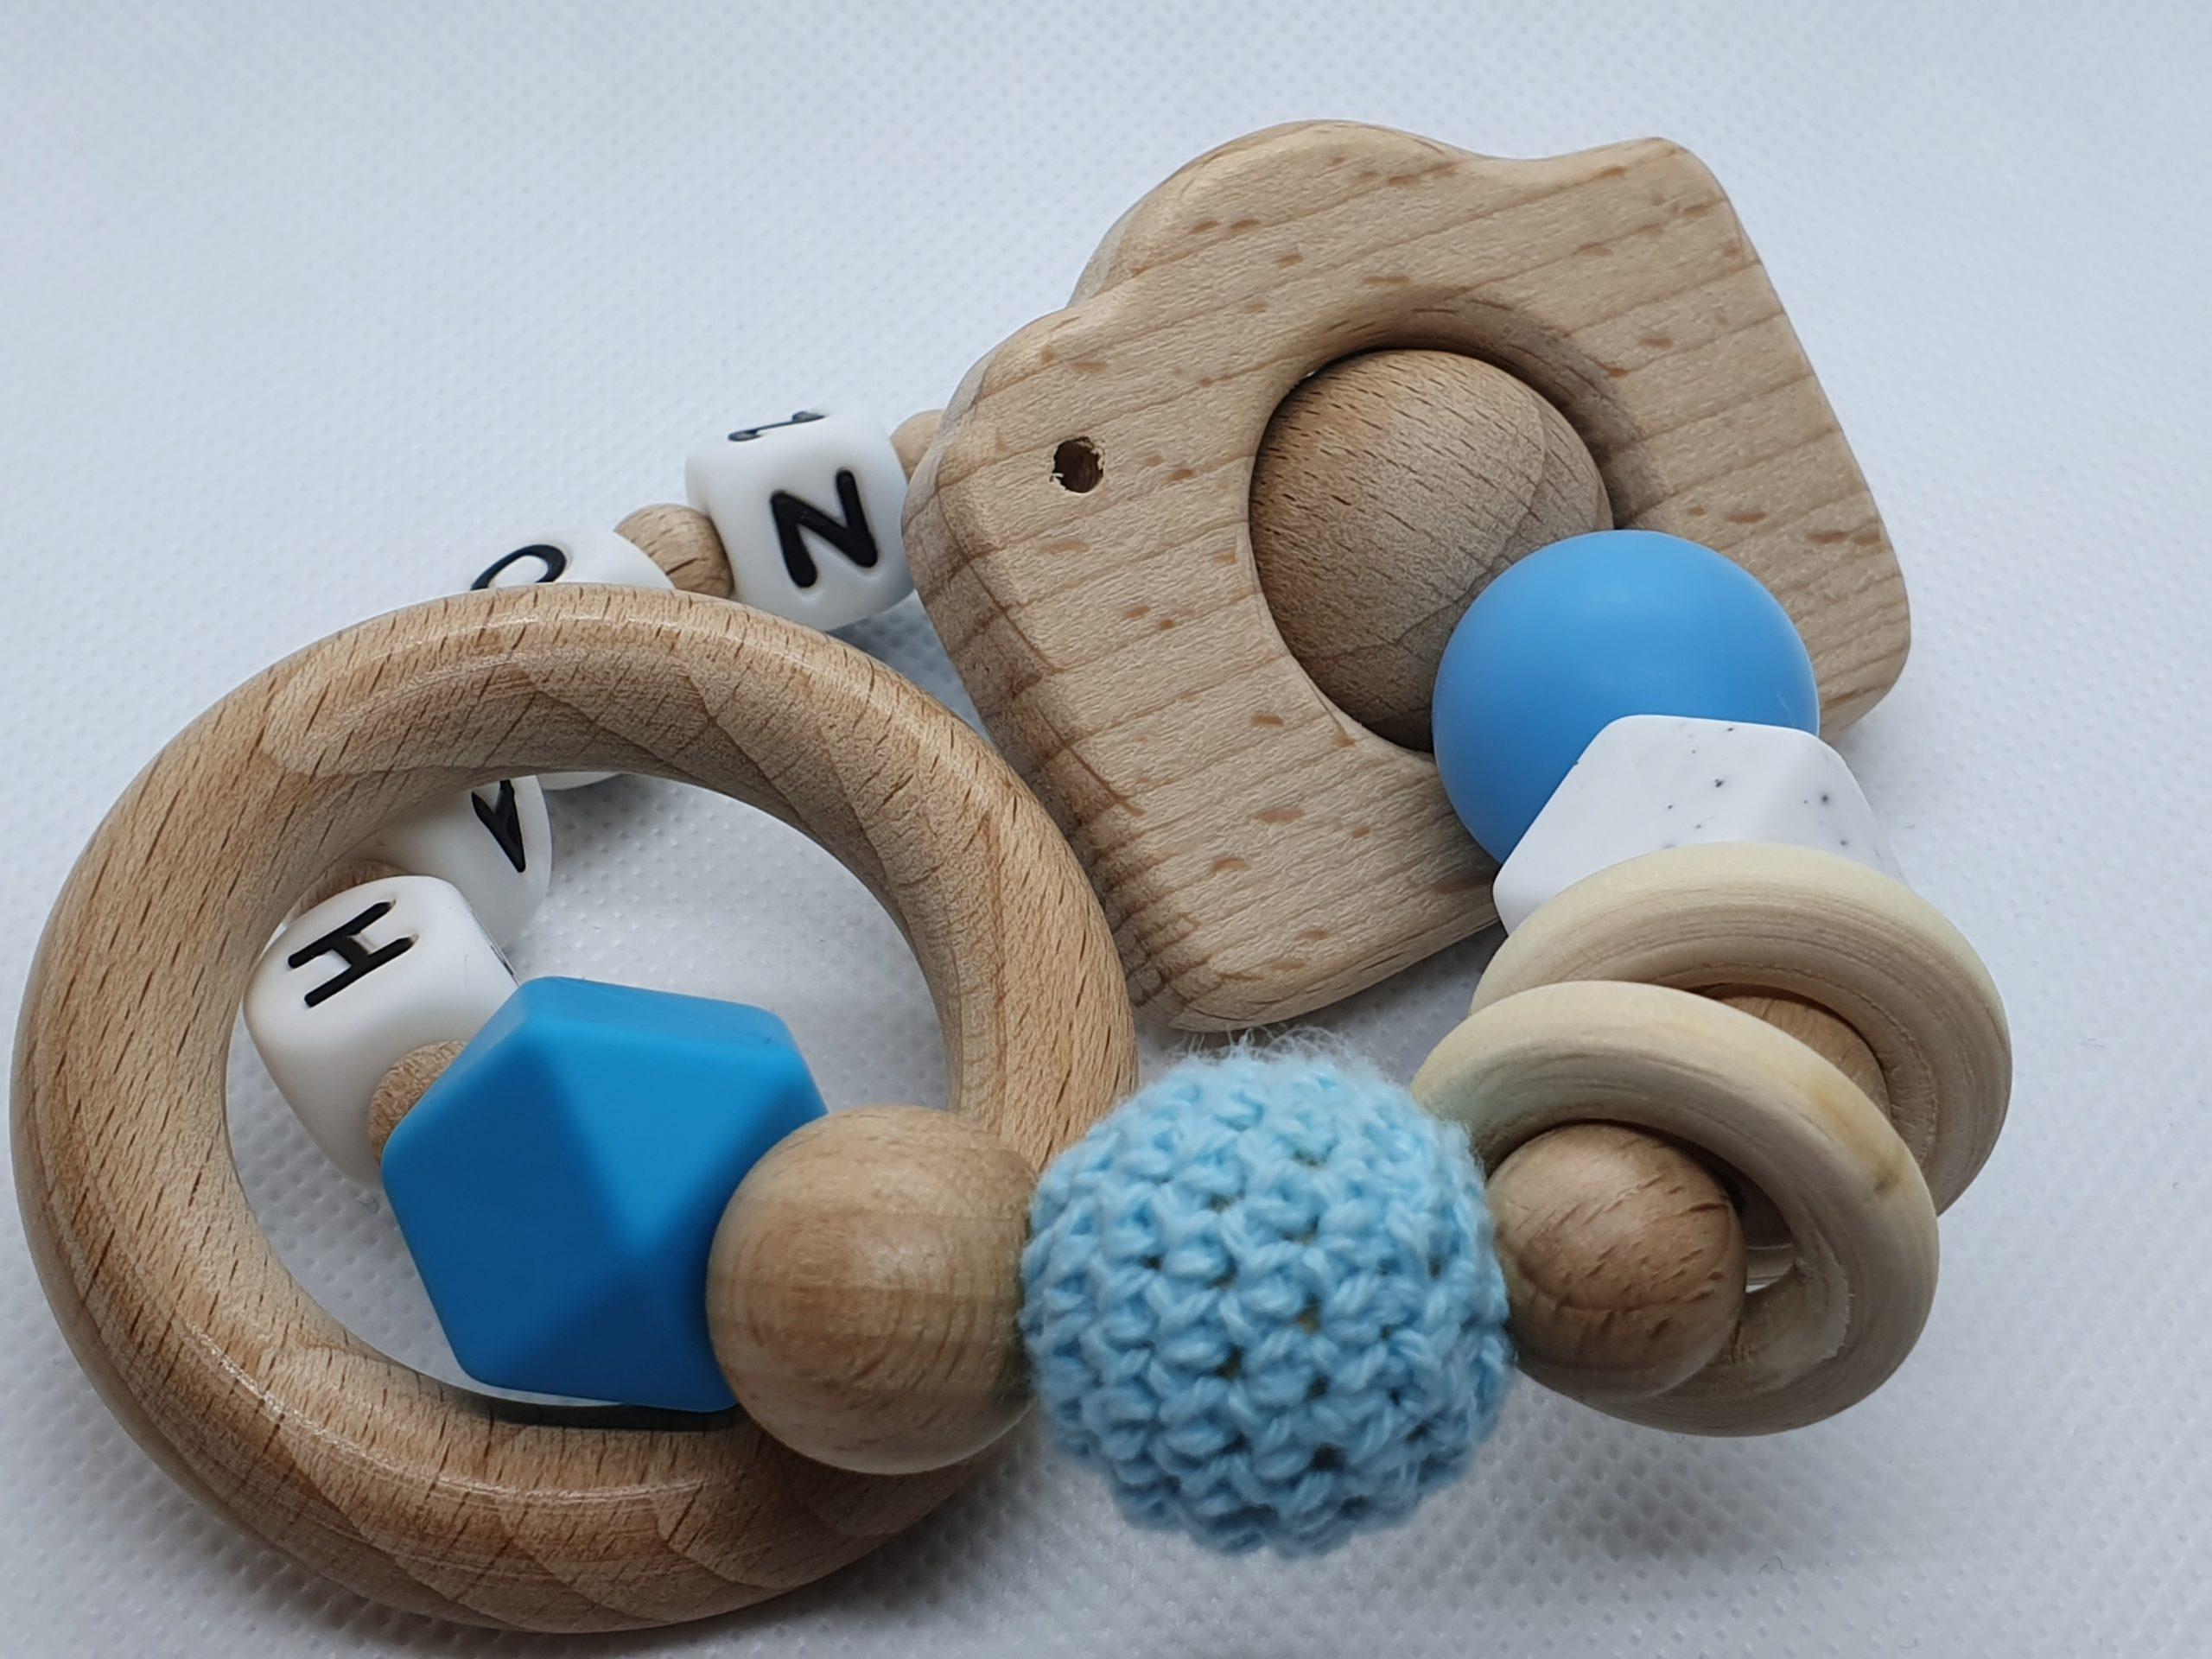 leuke baby cadeaus-kraamcadeaus-baby cadeau jongen-bijtring met naam camera-bijtring hout-persoonlijk baby cadeau-Wood & Fun